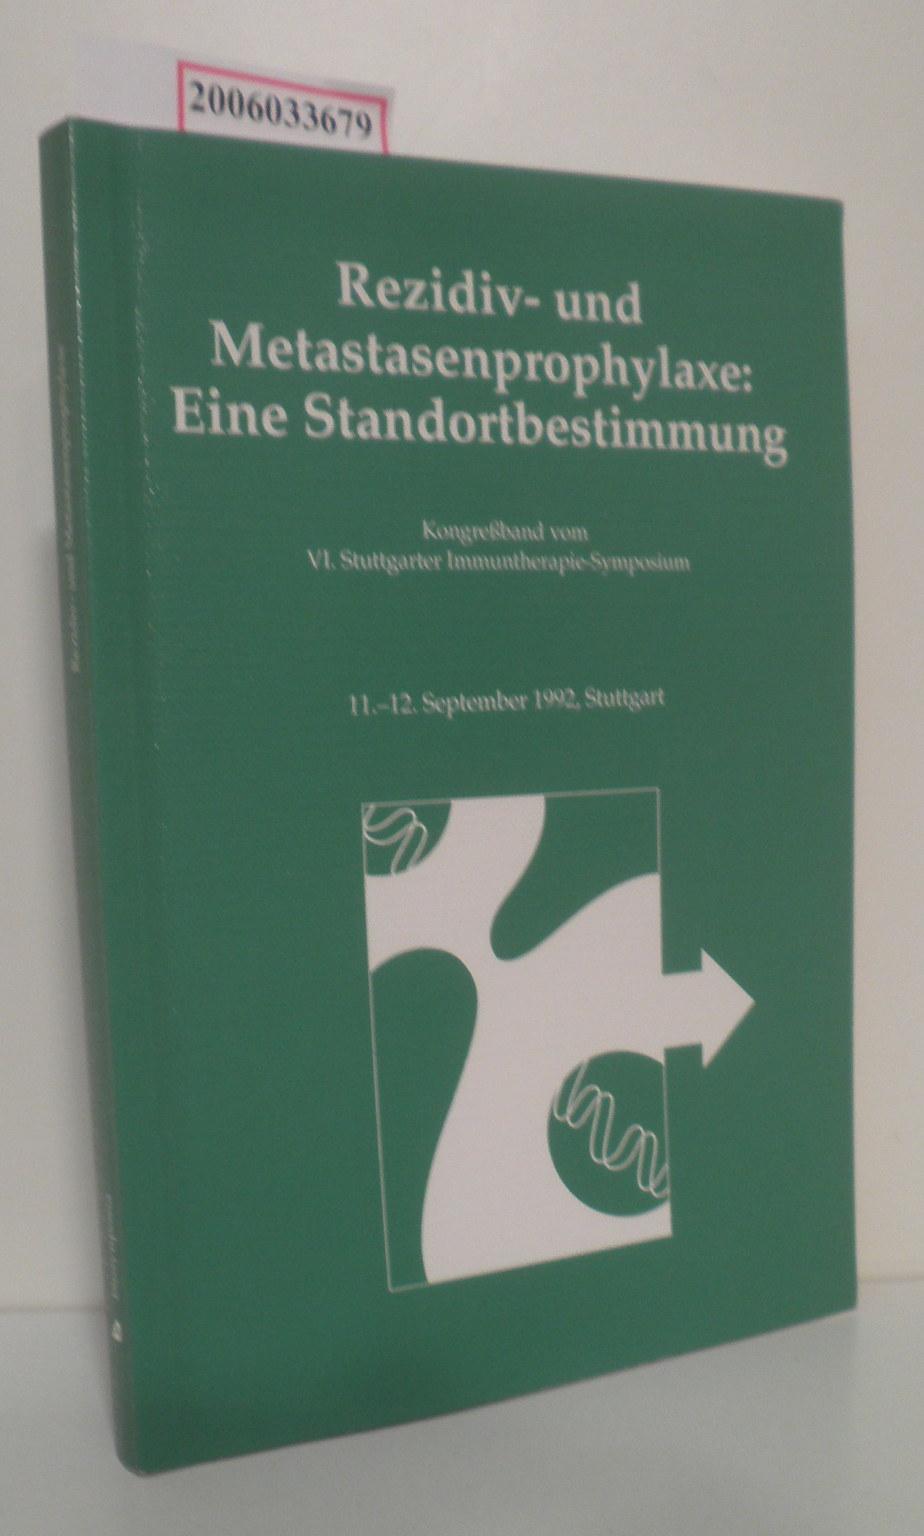 Rezidiv- und Metastasenprophylaxe: Eine Standortbestimmung Kongreßband vom VI. Stuttgarter Immuntherapie-Symposium